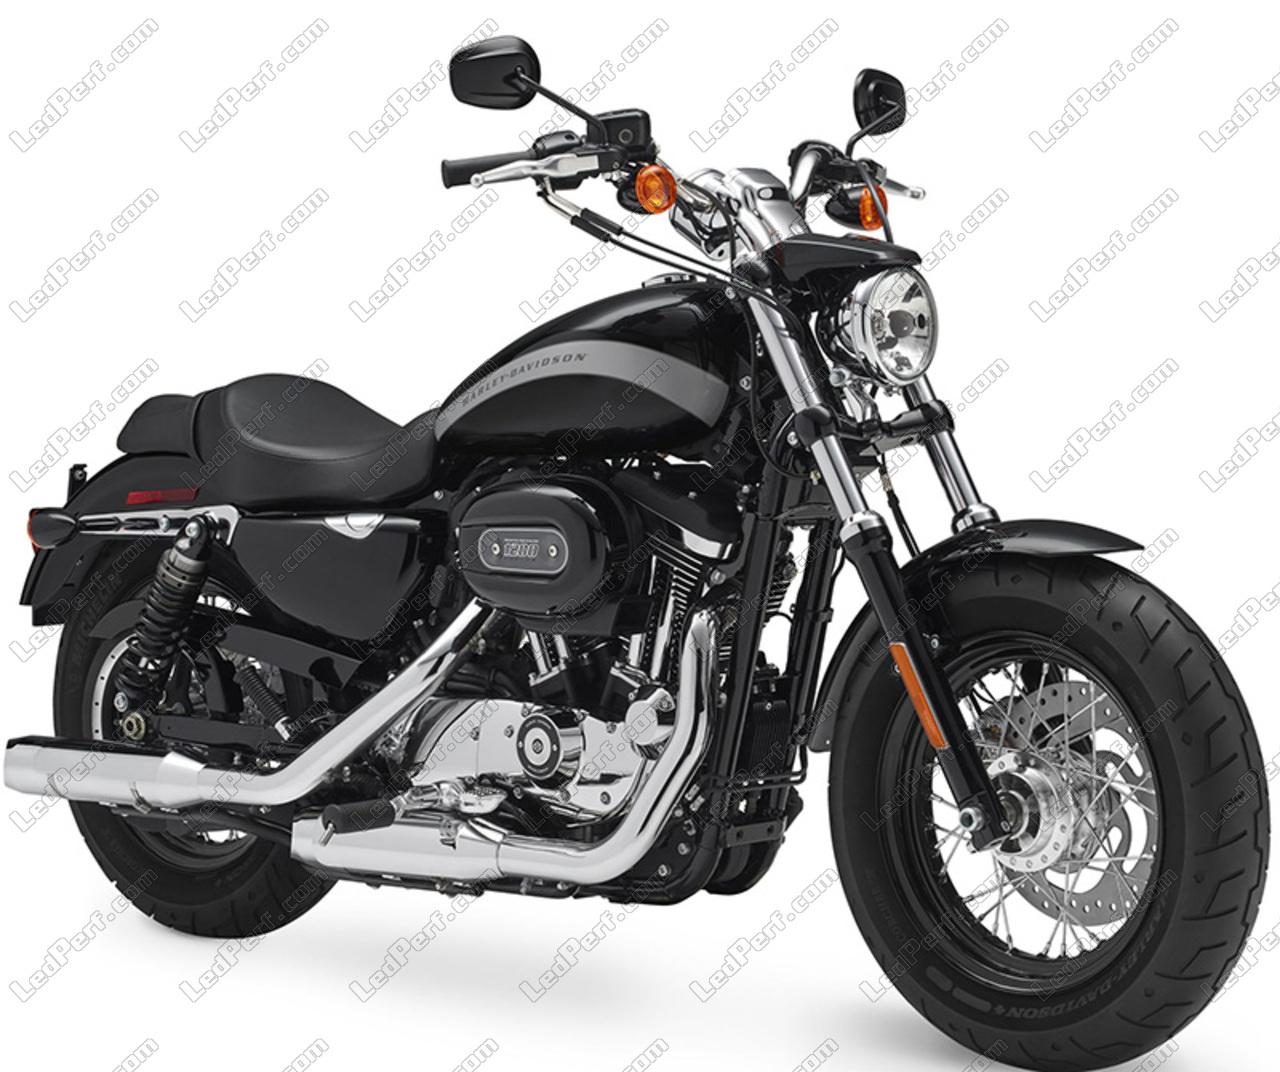 phares additionnels led pour moto harley davidson custom 1200 2011 2018. Black Bedroom Furniture Sets. Home Design Ideas